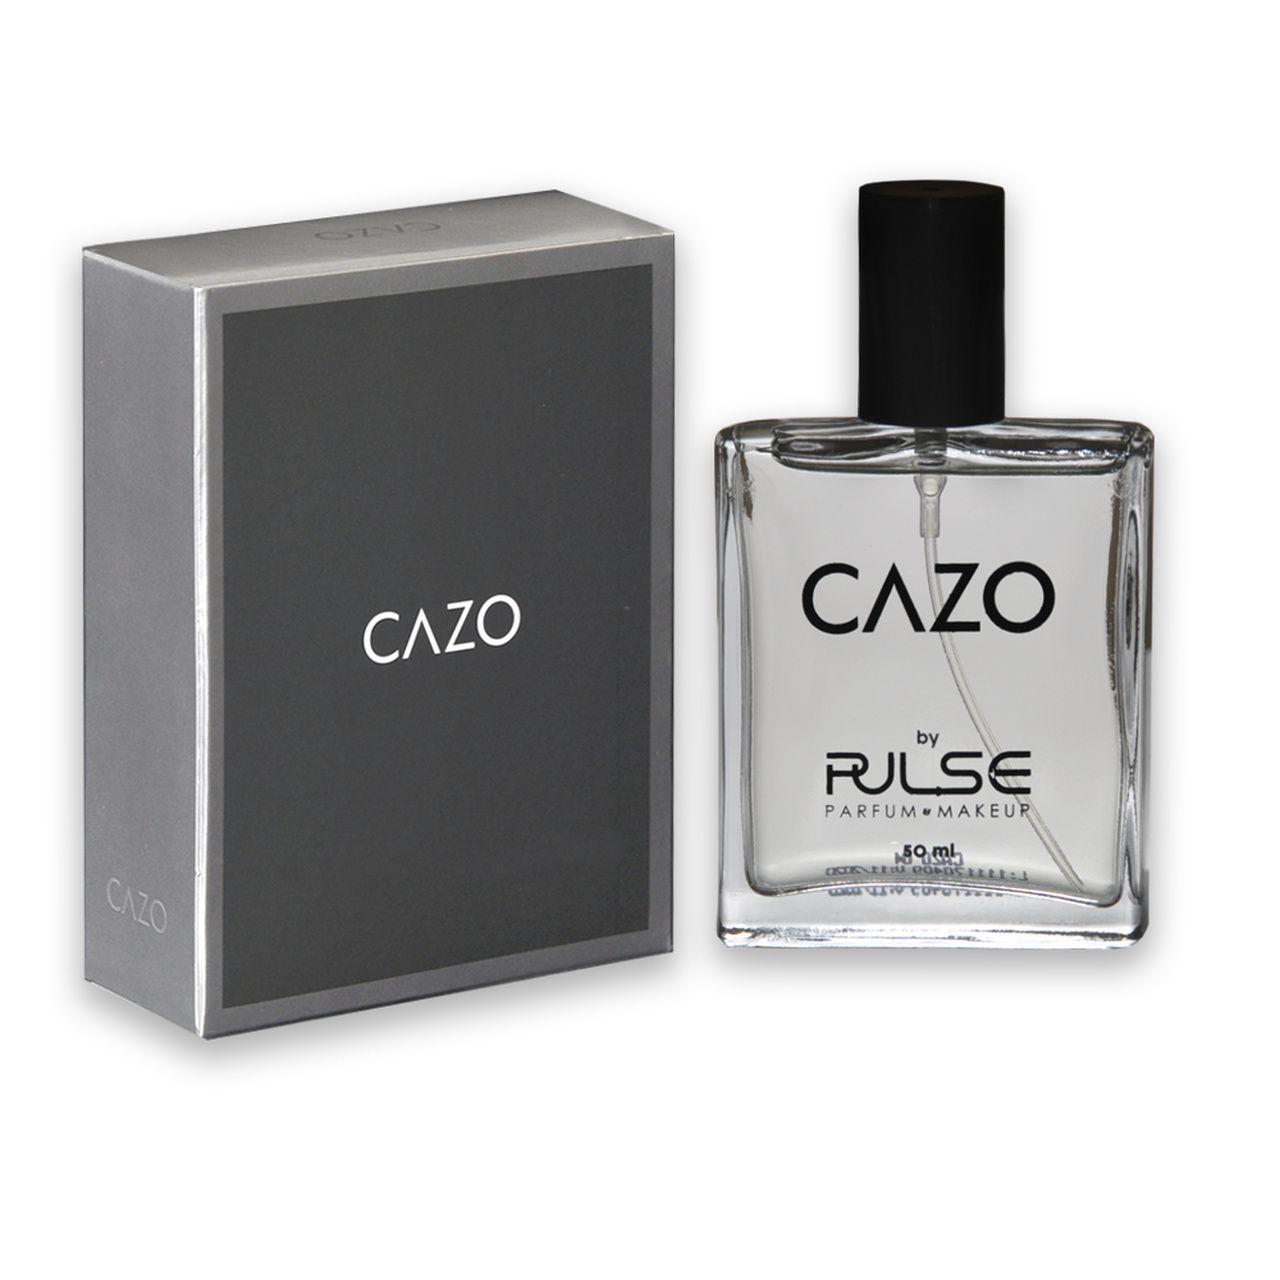 CAZO 04 - 50ml